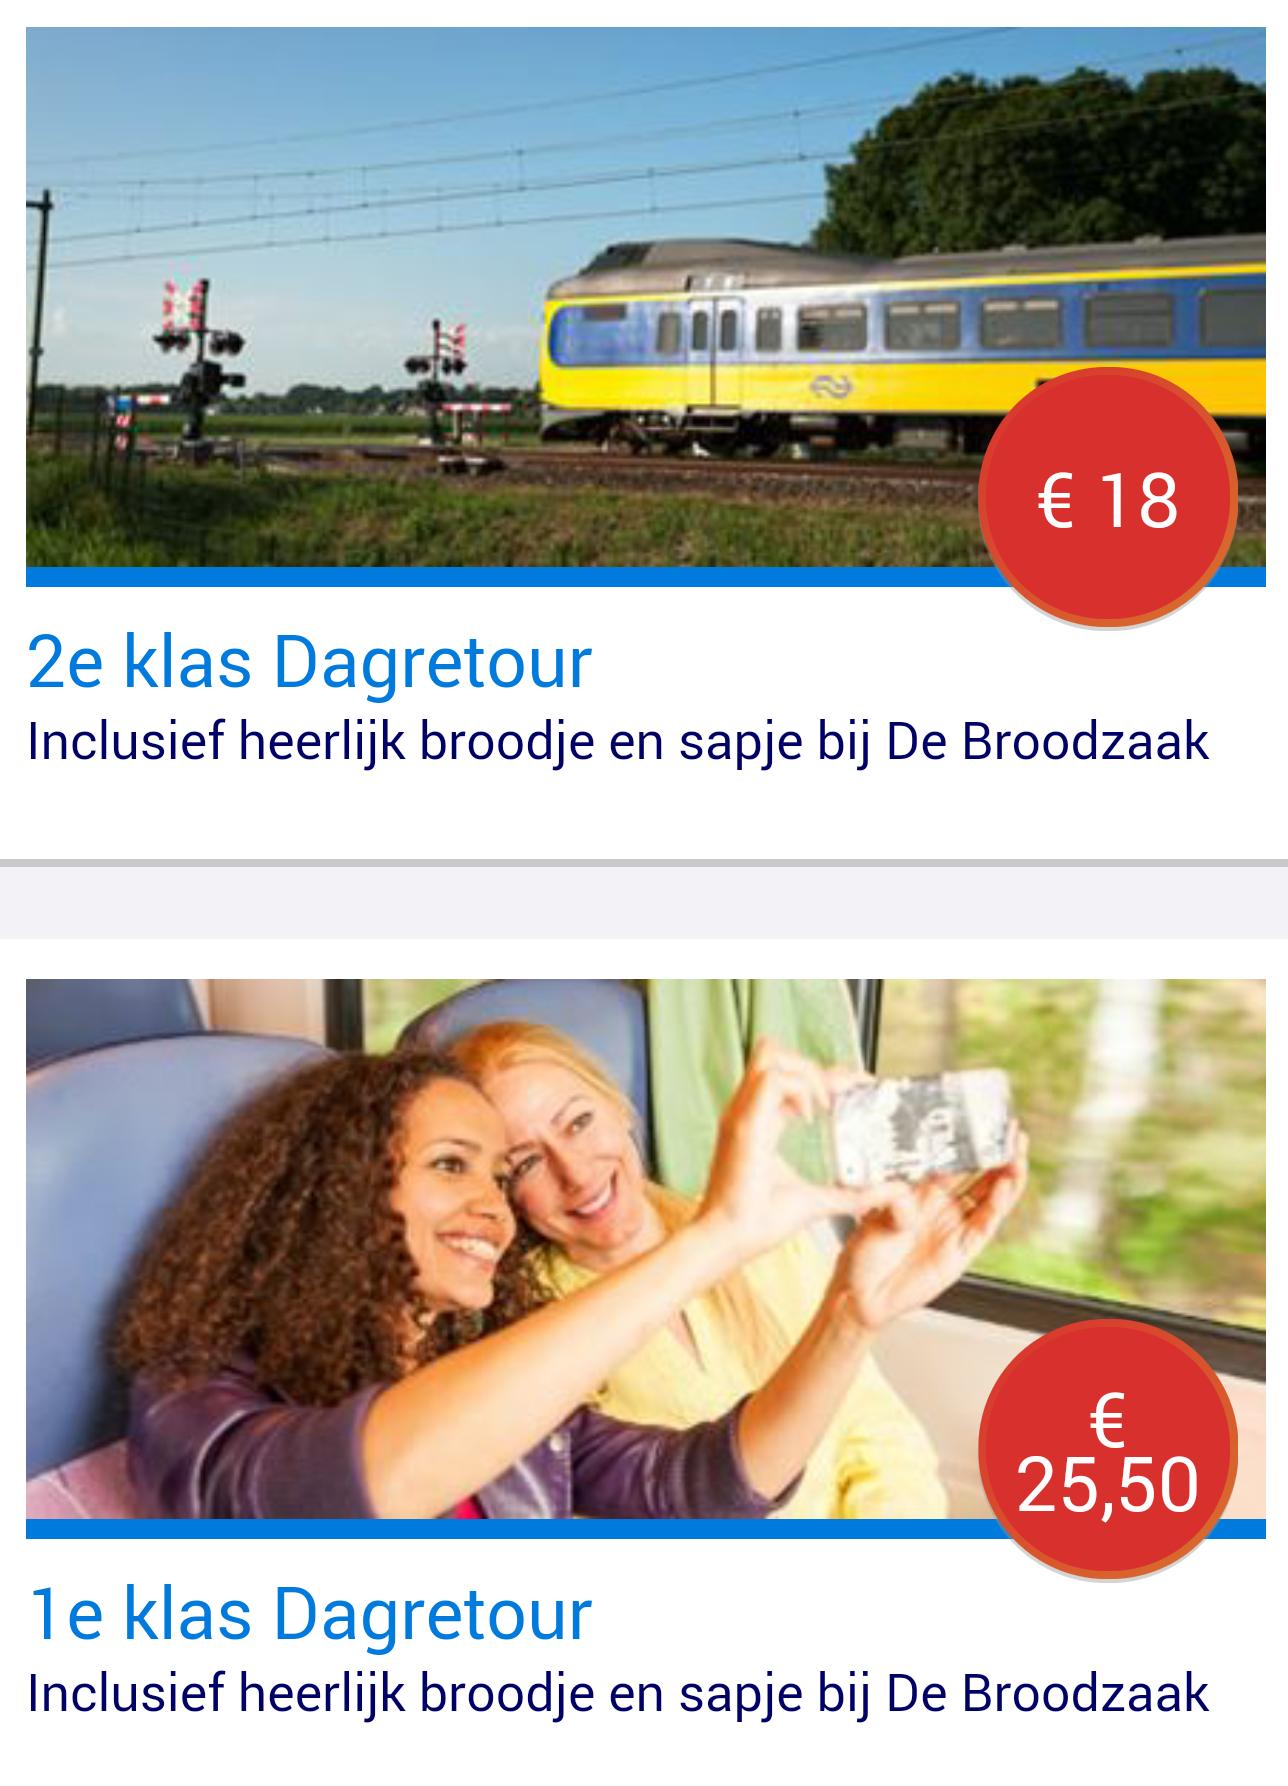 Dagretour 2e klas met broodje + sapje bij De Broodzaak voor  €18,- @ NS